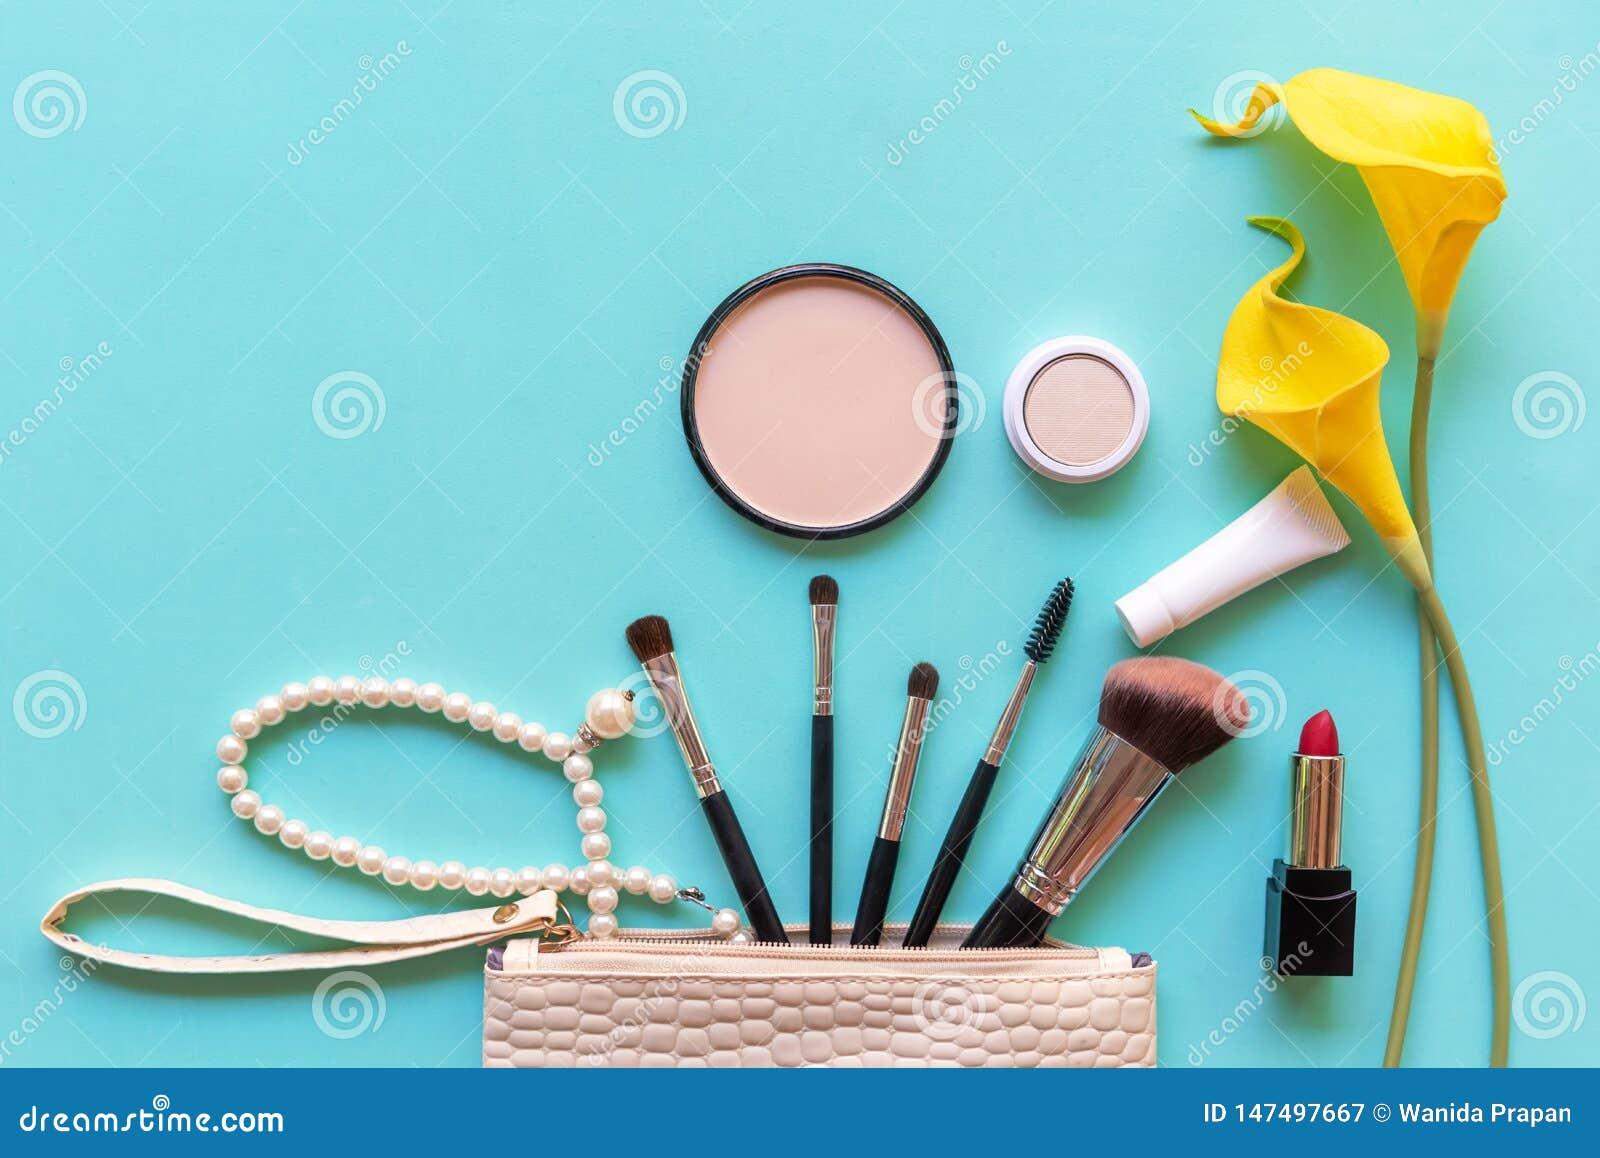 构成化妆用品工具和秀丽化妆用品礼物、产品和面部化妆用品包裹唇膏有黄色花的geen淡色